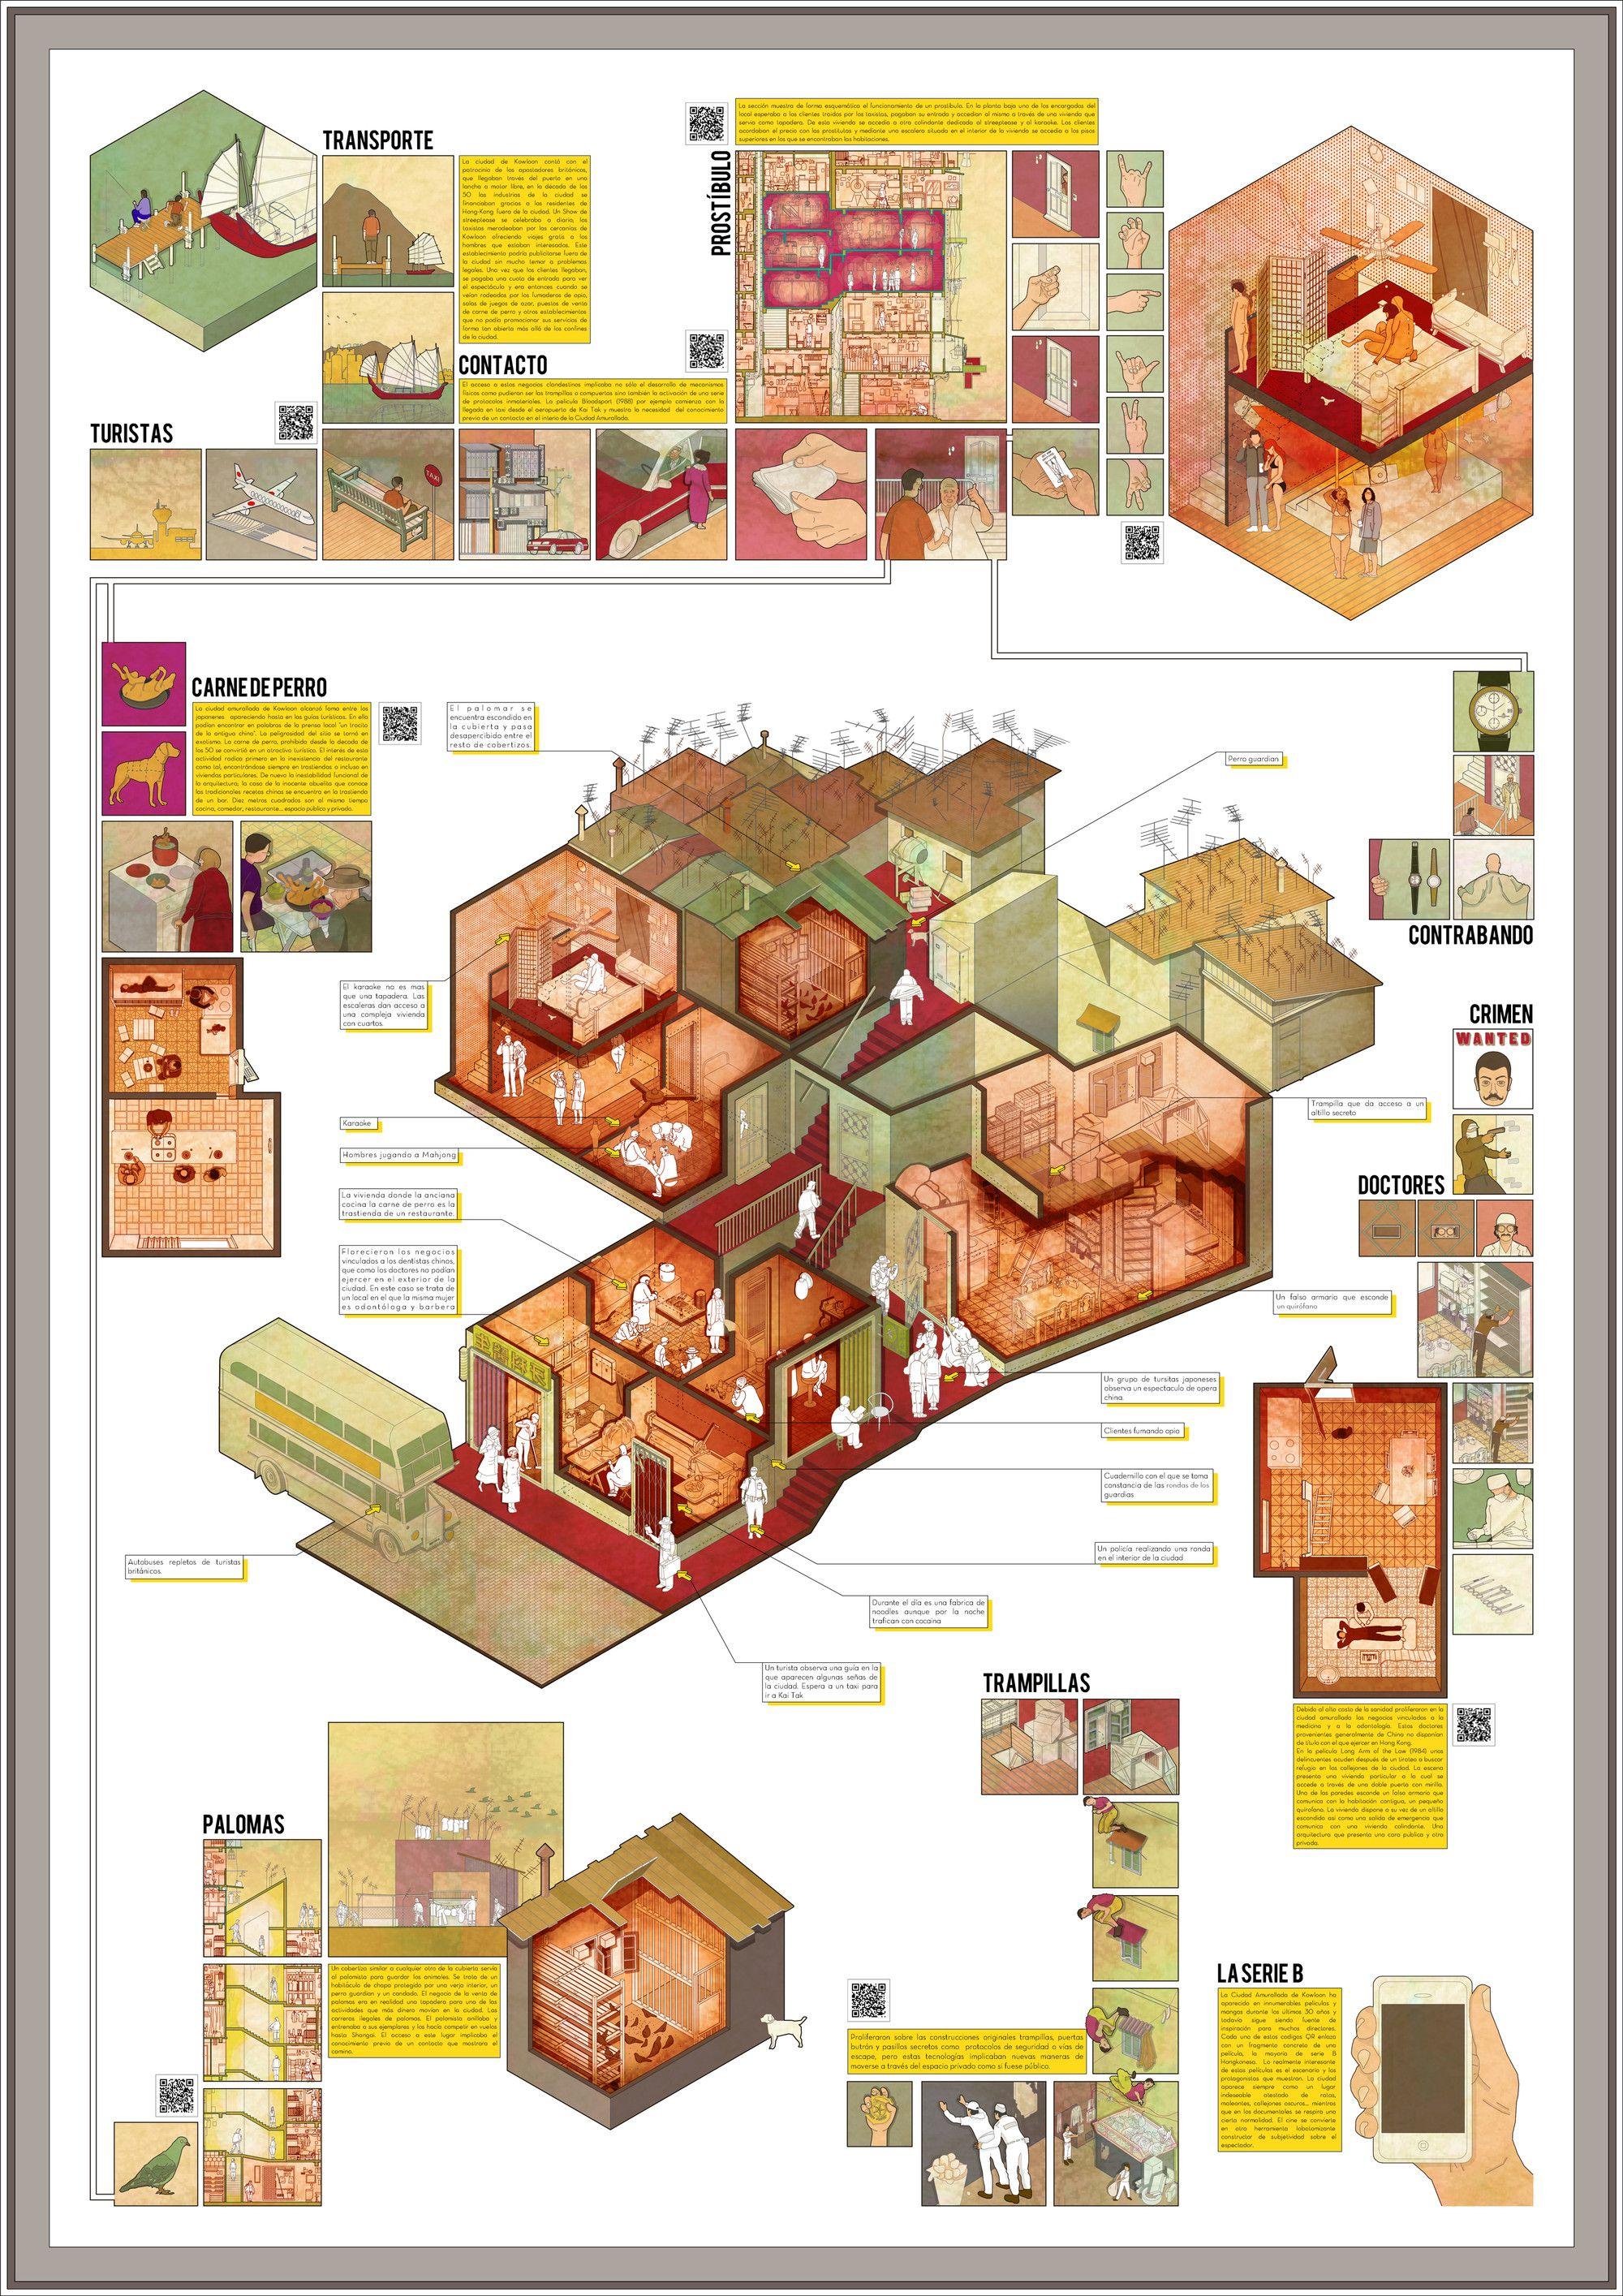 Galería de 'Historia de una lobotomía', una investigación sobre la ciudad amurallada de Kowloon  - 4